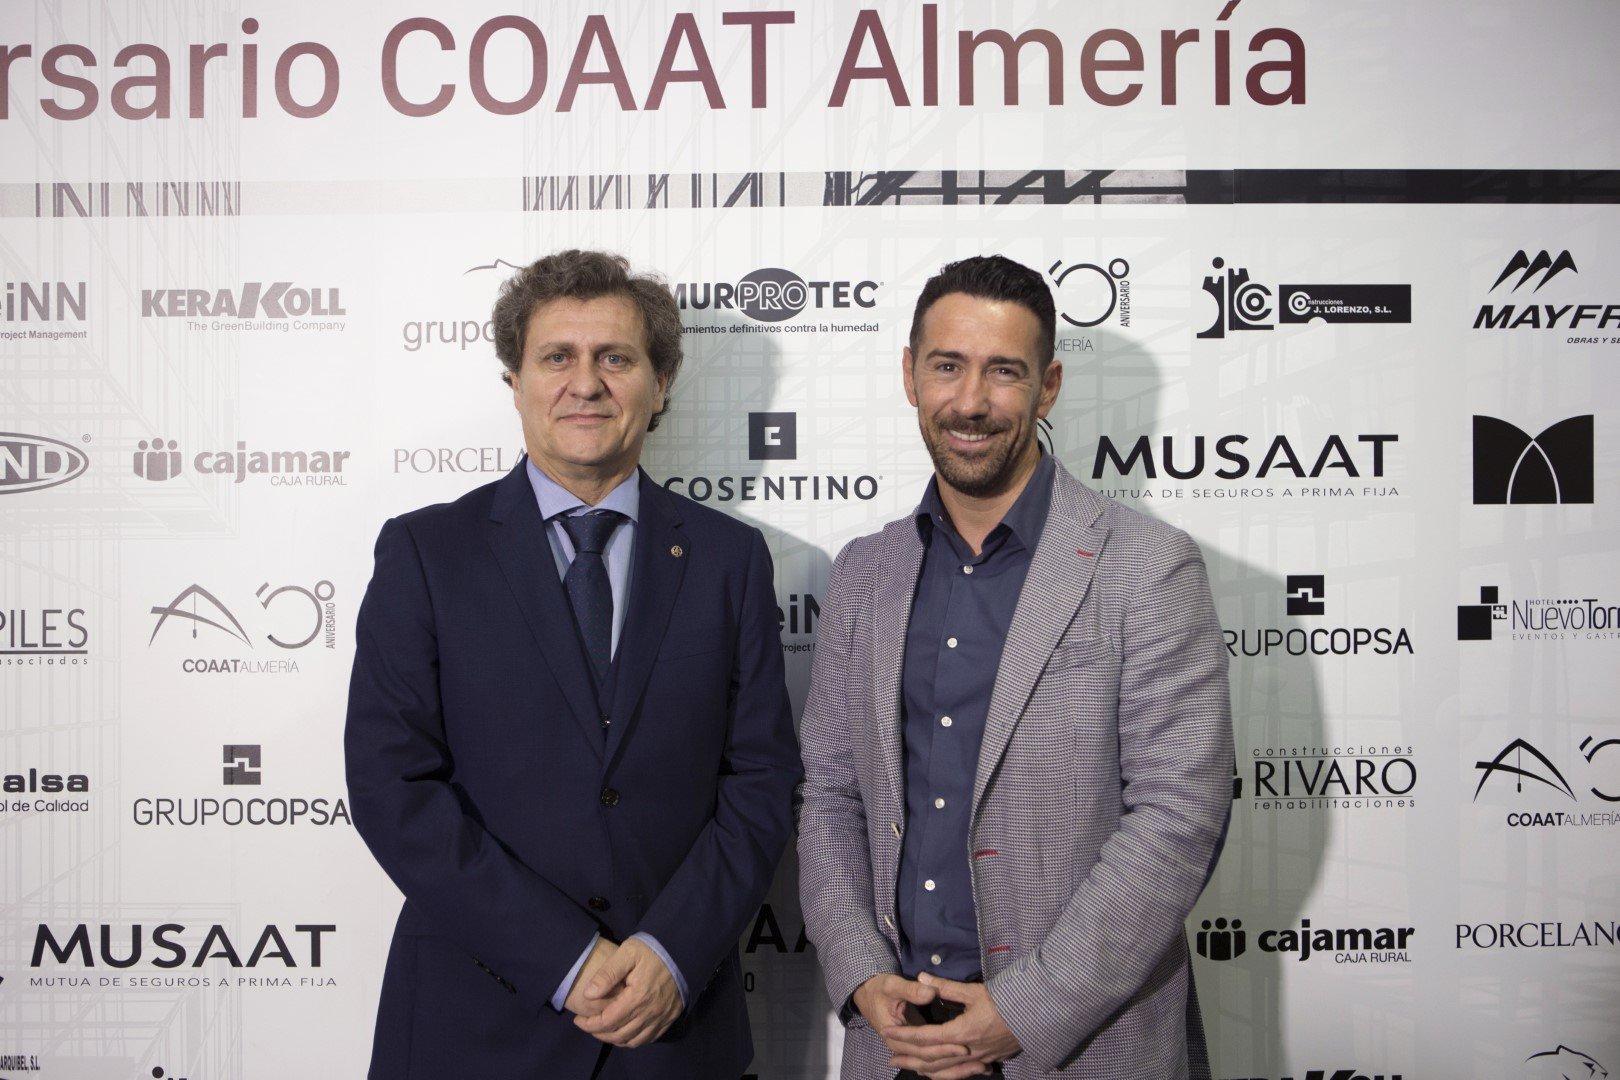 Manuel Martínez, director de Murprotec con el presidente del COAAT-AL, Jesús Lara Crespo.